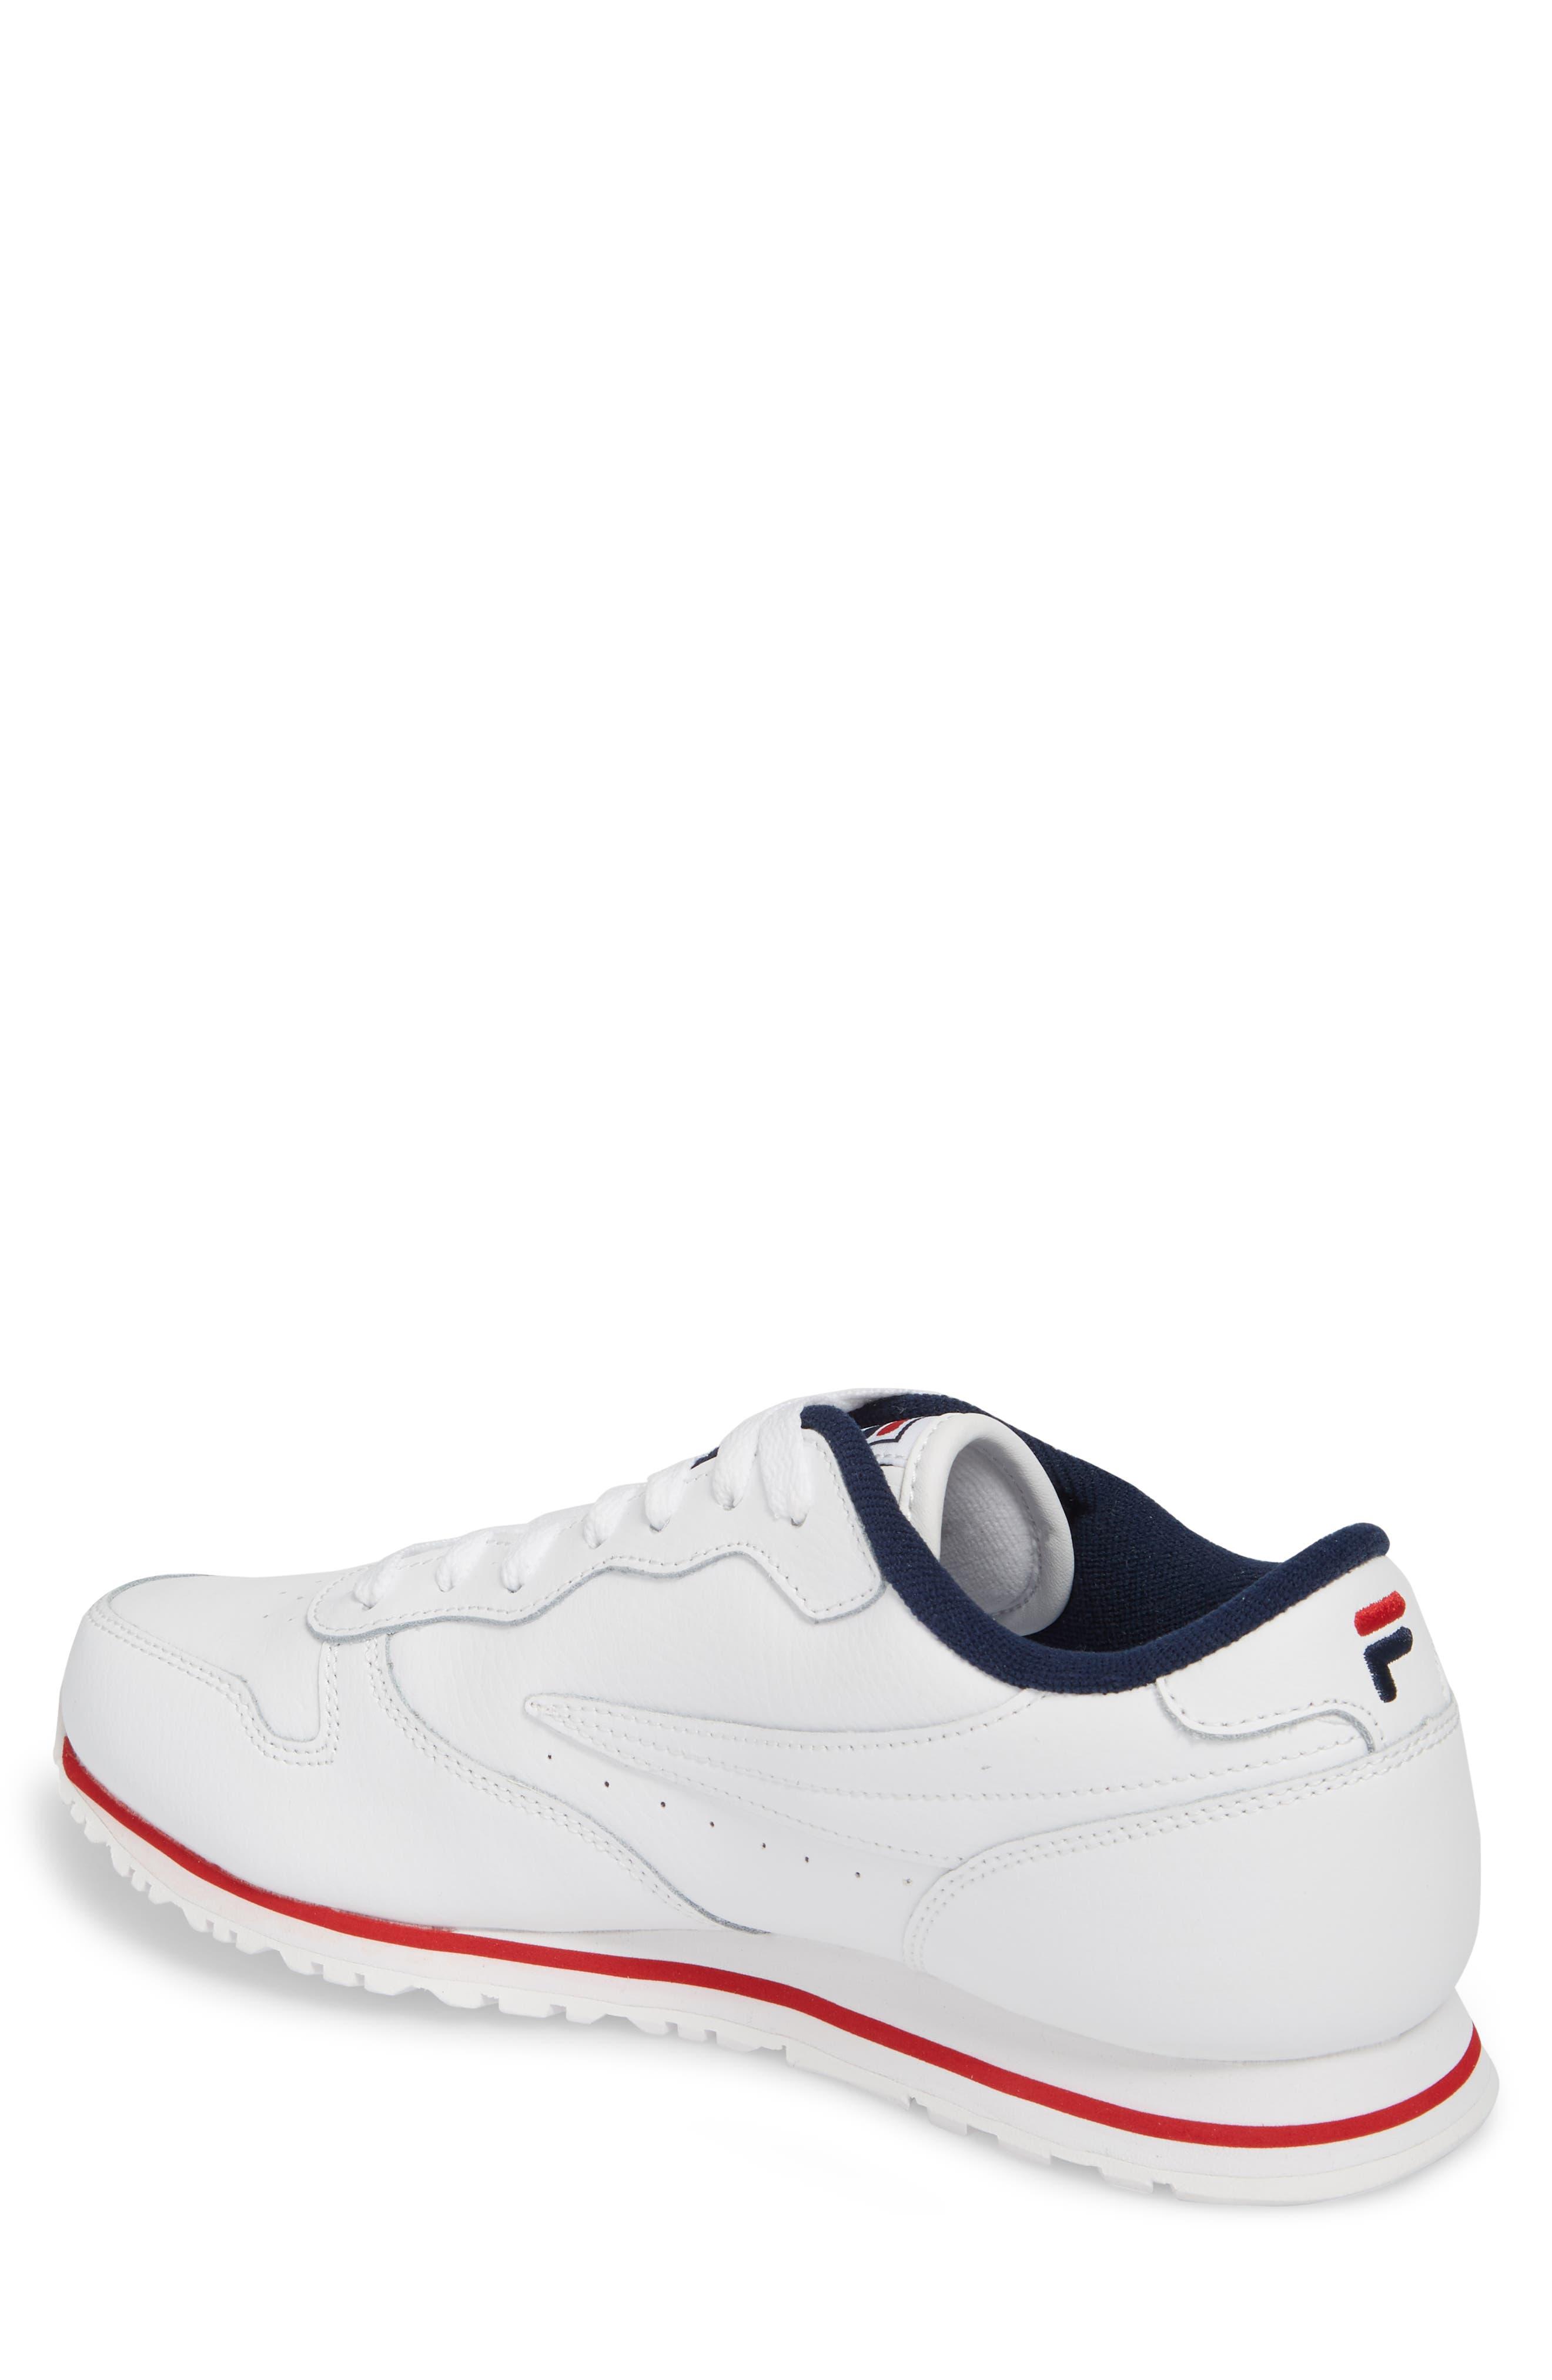 Euro Jogger Sneaker,                             Alternate thumbnail 2, color,                             White/ Navy/ Red